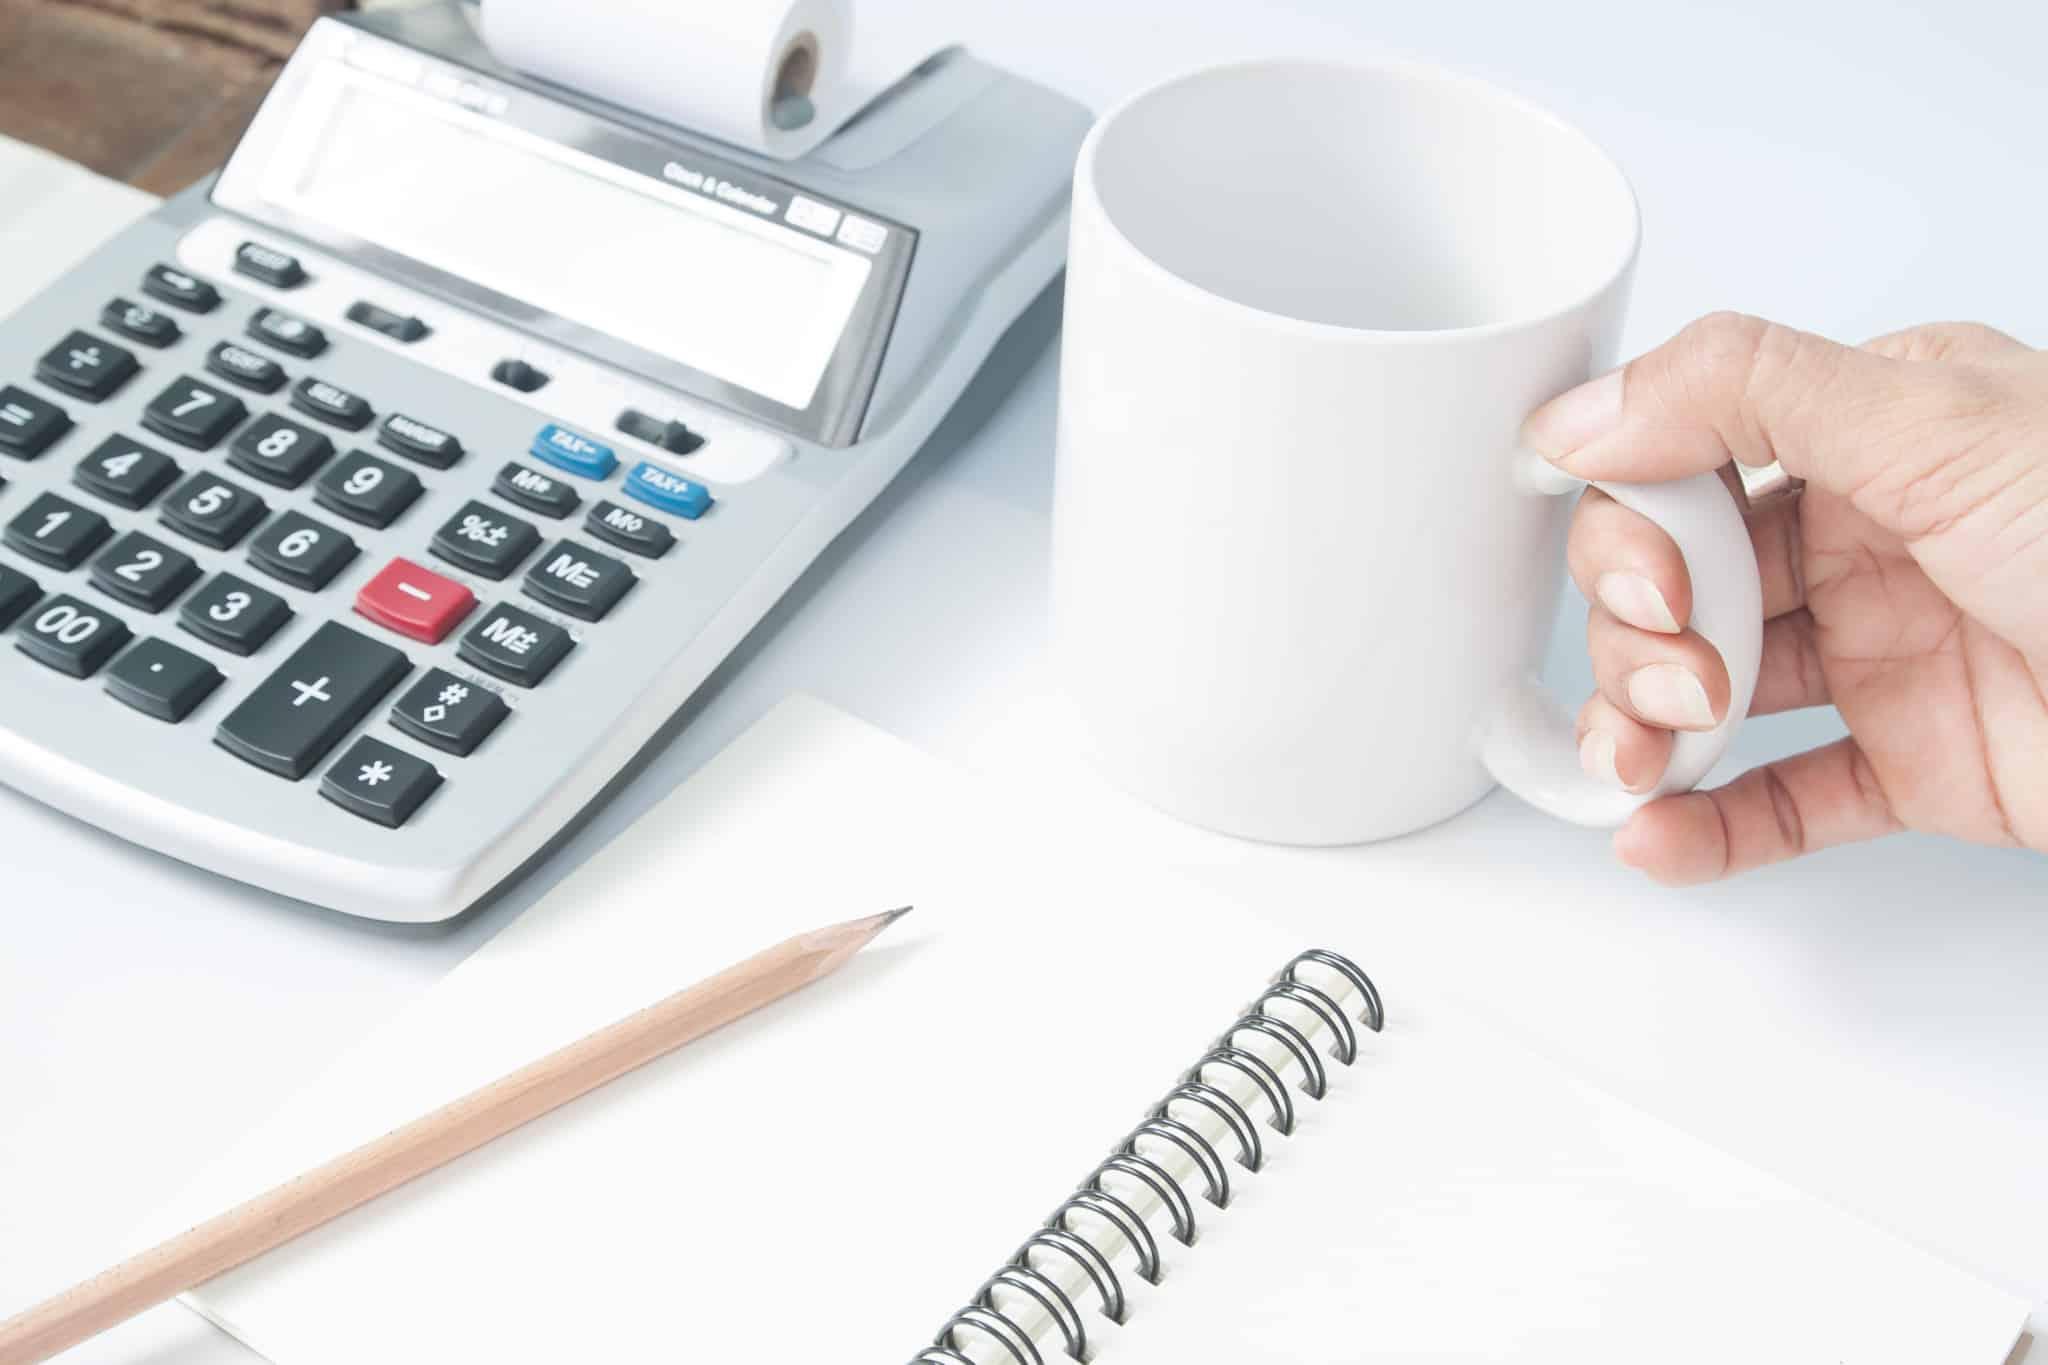 contabilista com bloco de notas chavena de cafe e calculadora